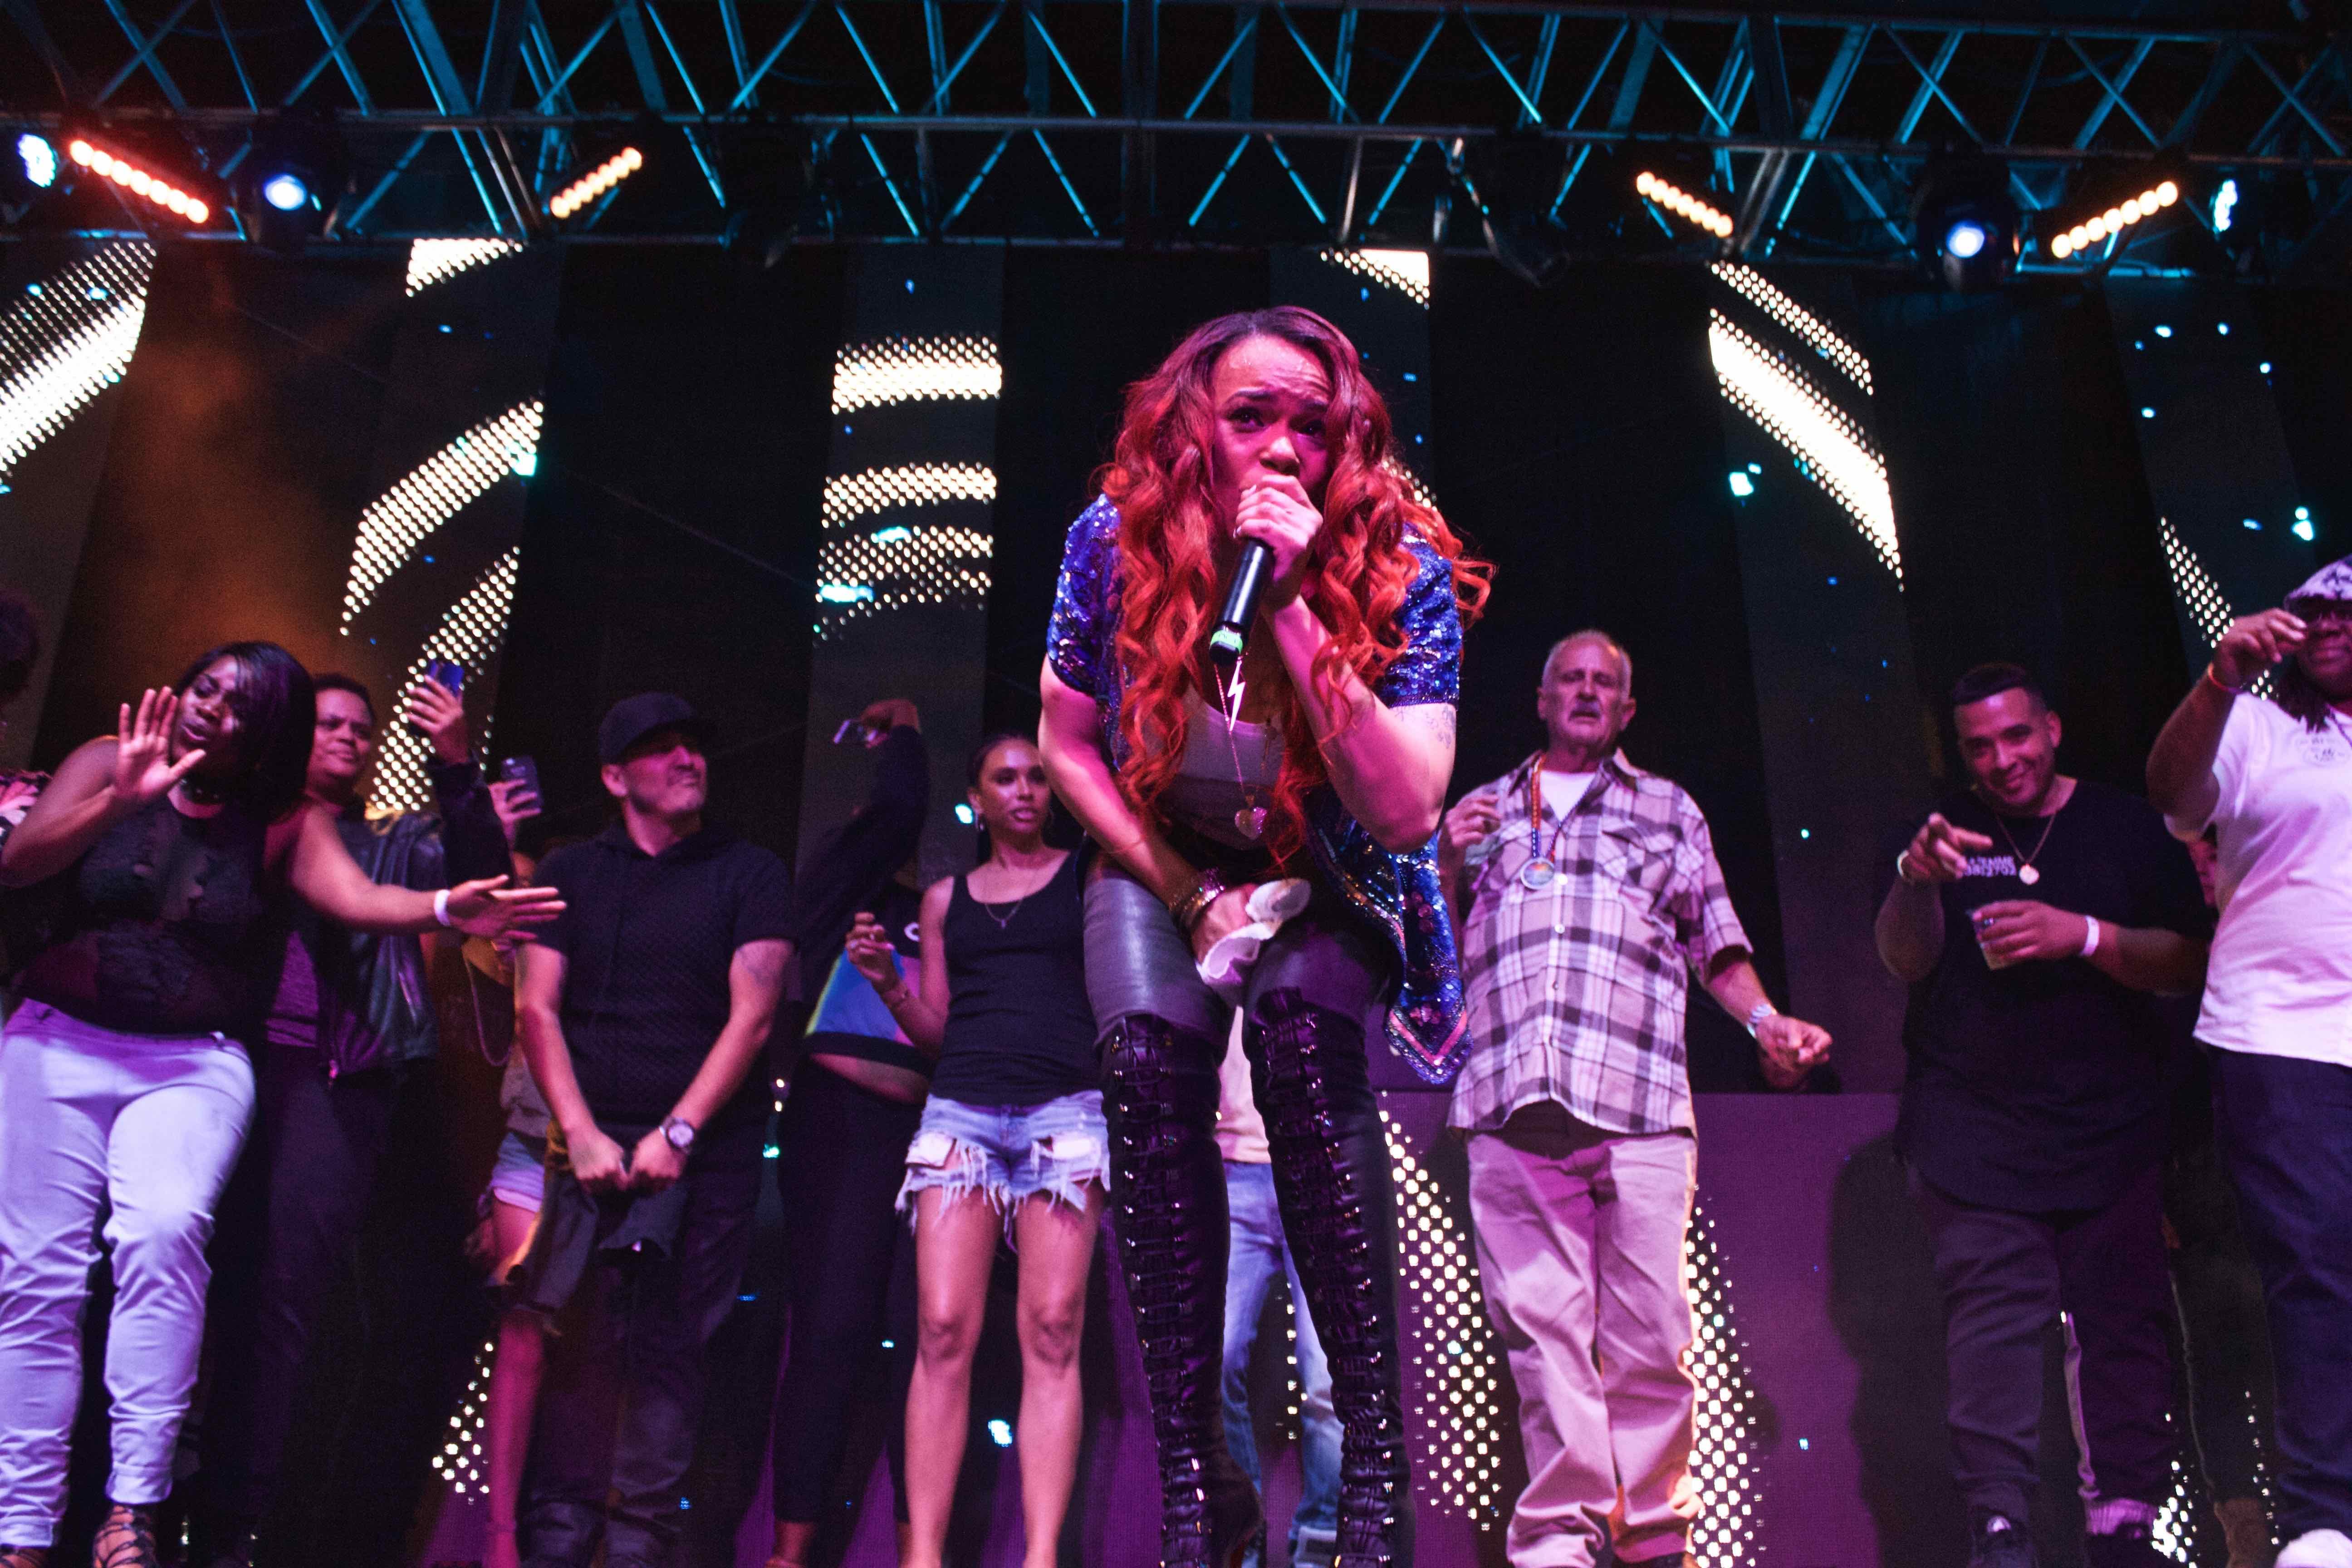 Faith Evans at L.A. Pride 6/10/16. Photo by Derrick K. Lee, Esq.